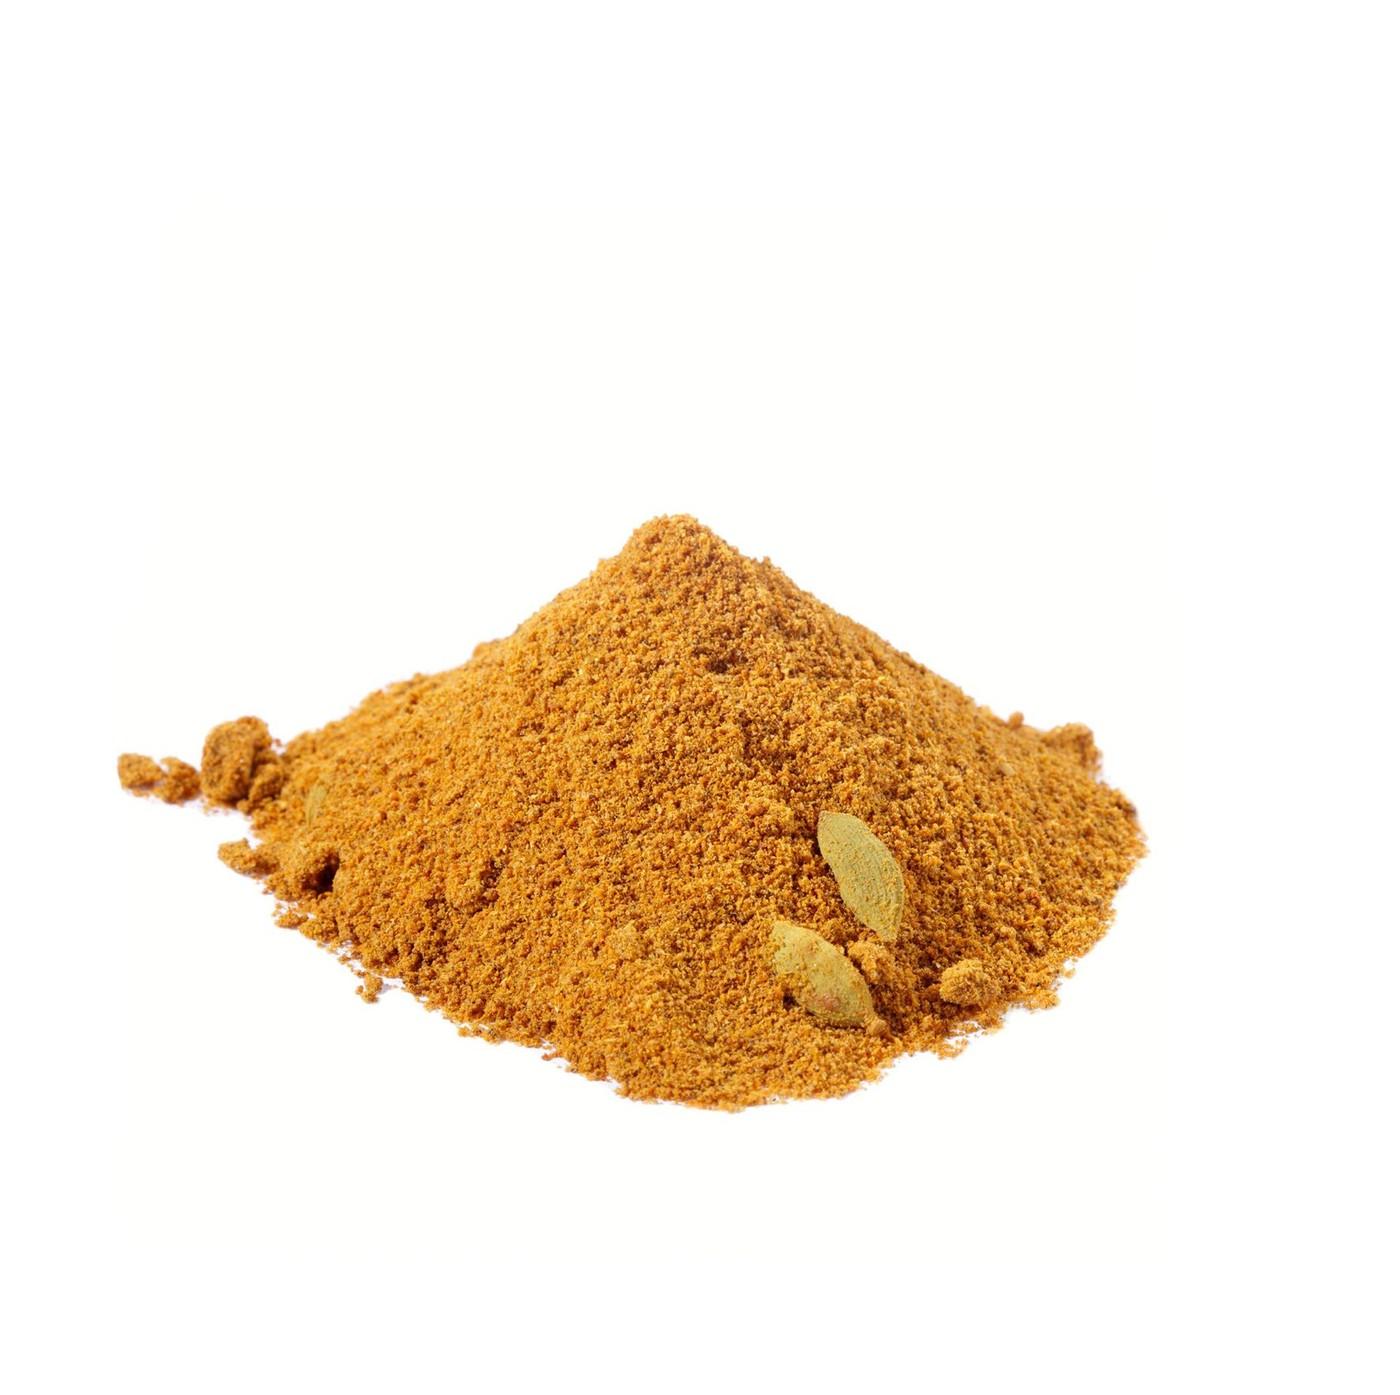 receta de Curry madras